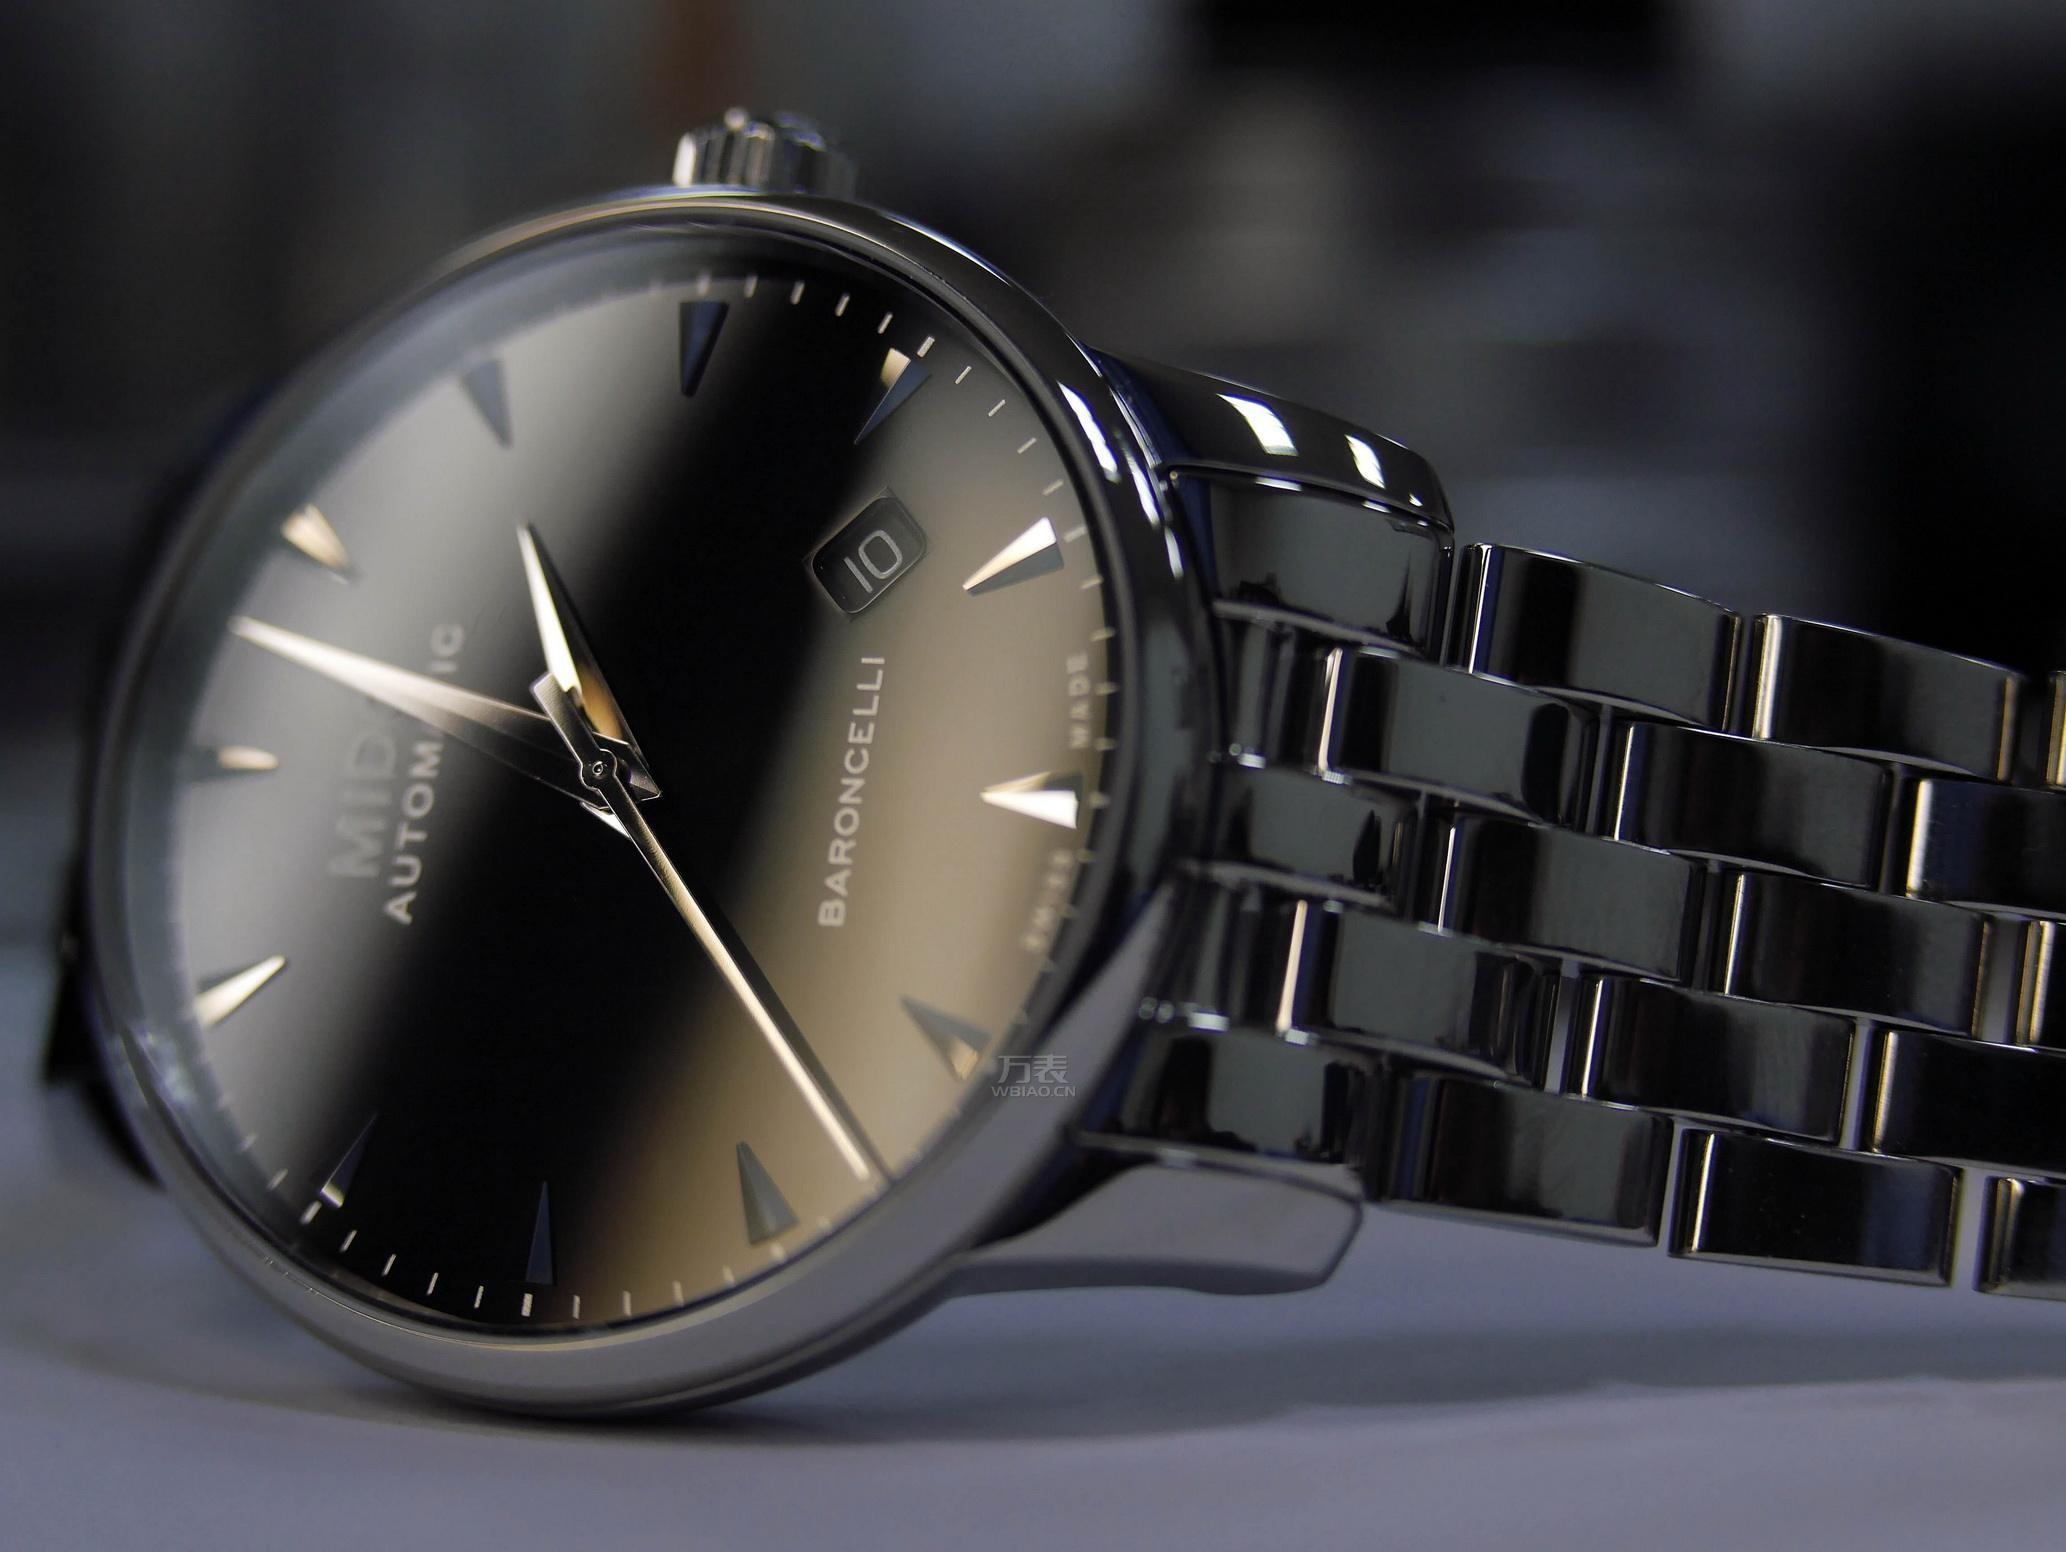 美度手表受磁了怎么办?美度手表受磁了如何消磁